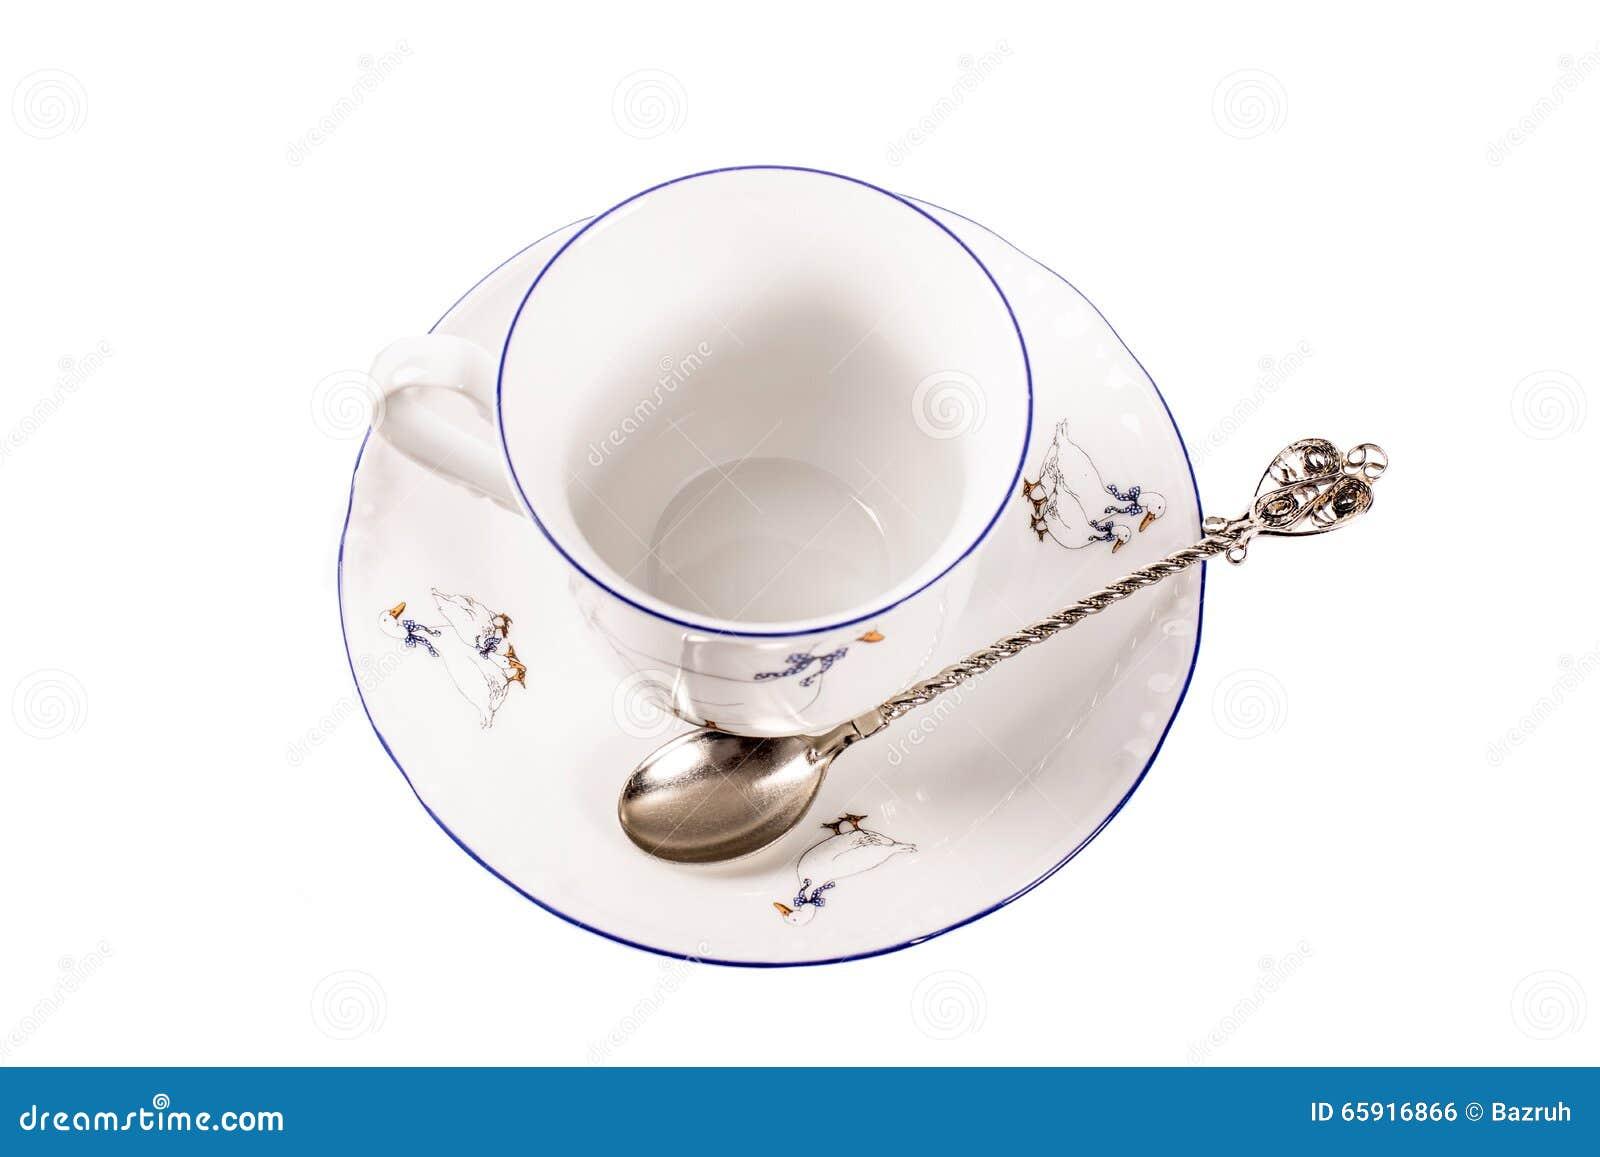 Porzellanschale mit einer Untertasse auf einem weißen Hintergrund